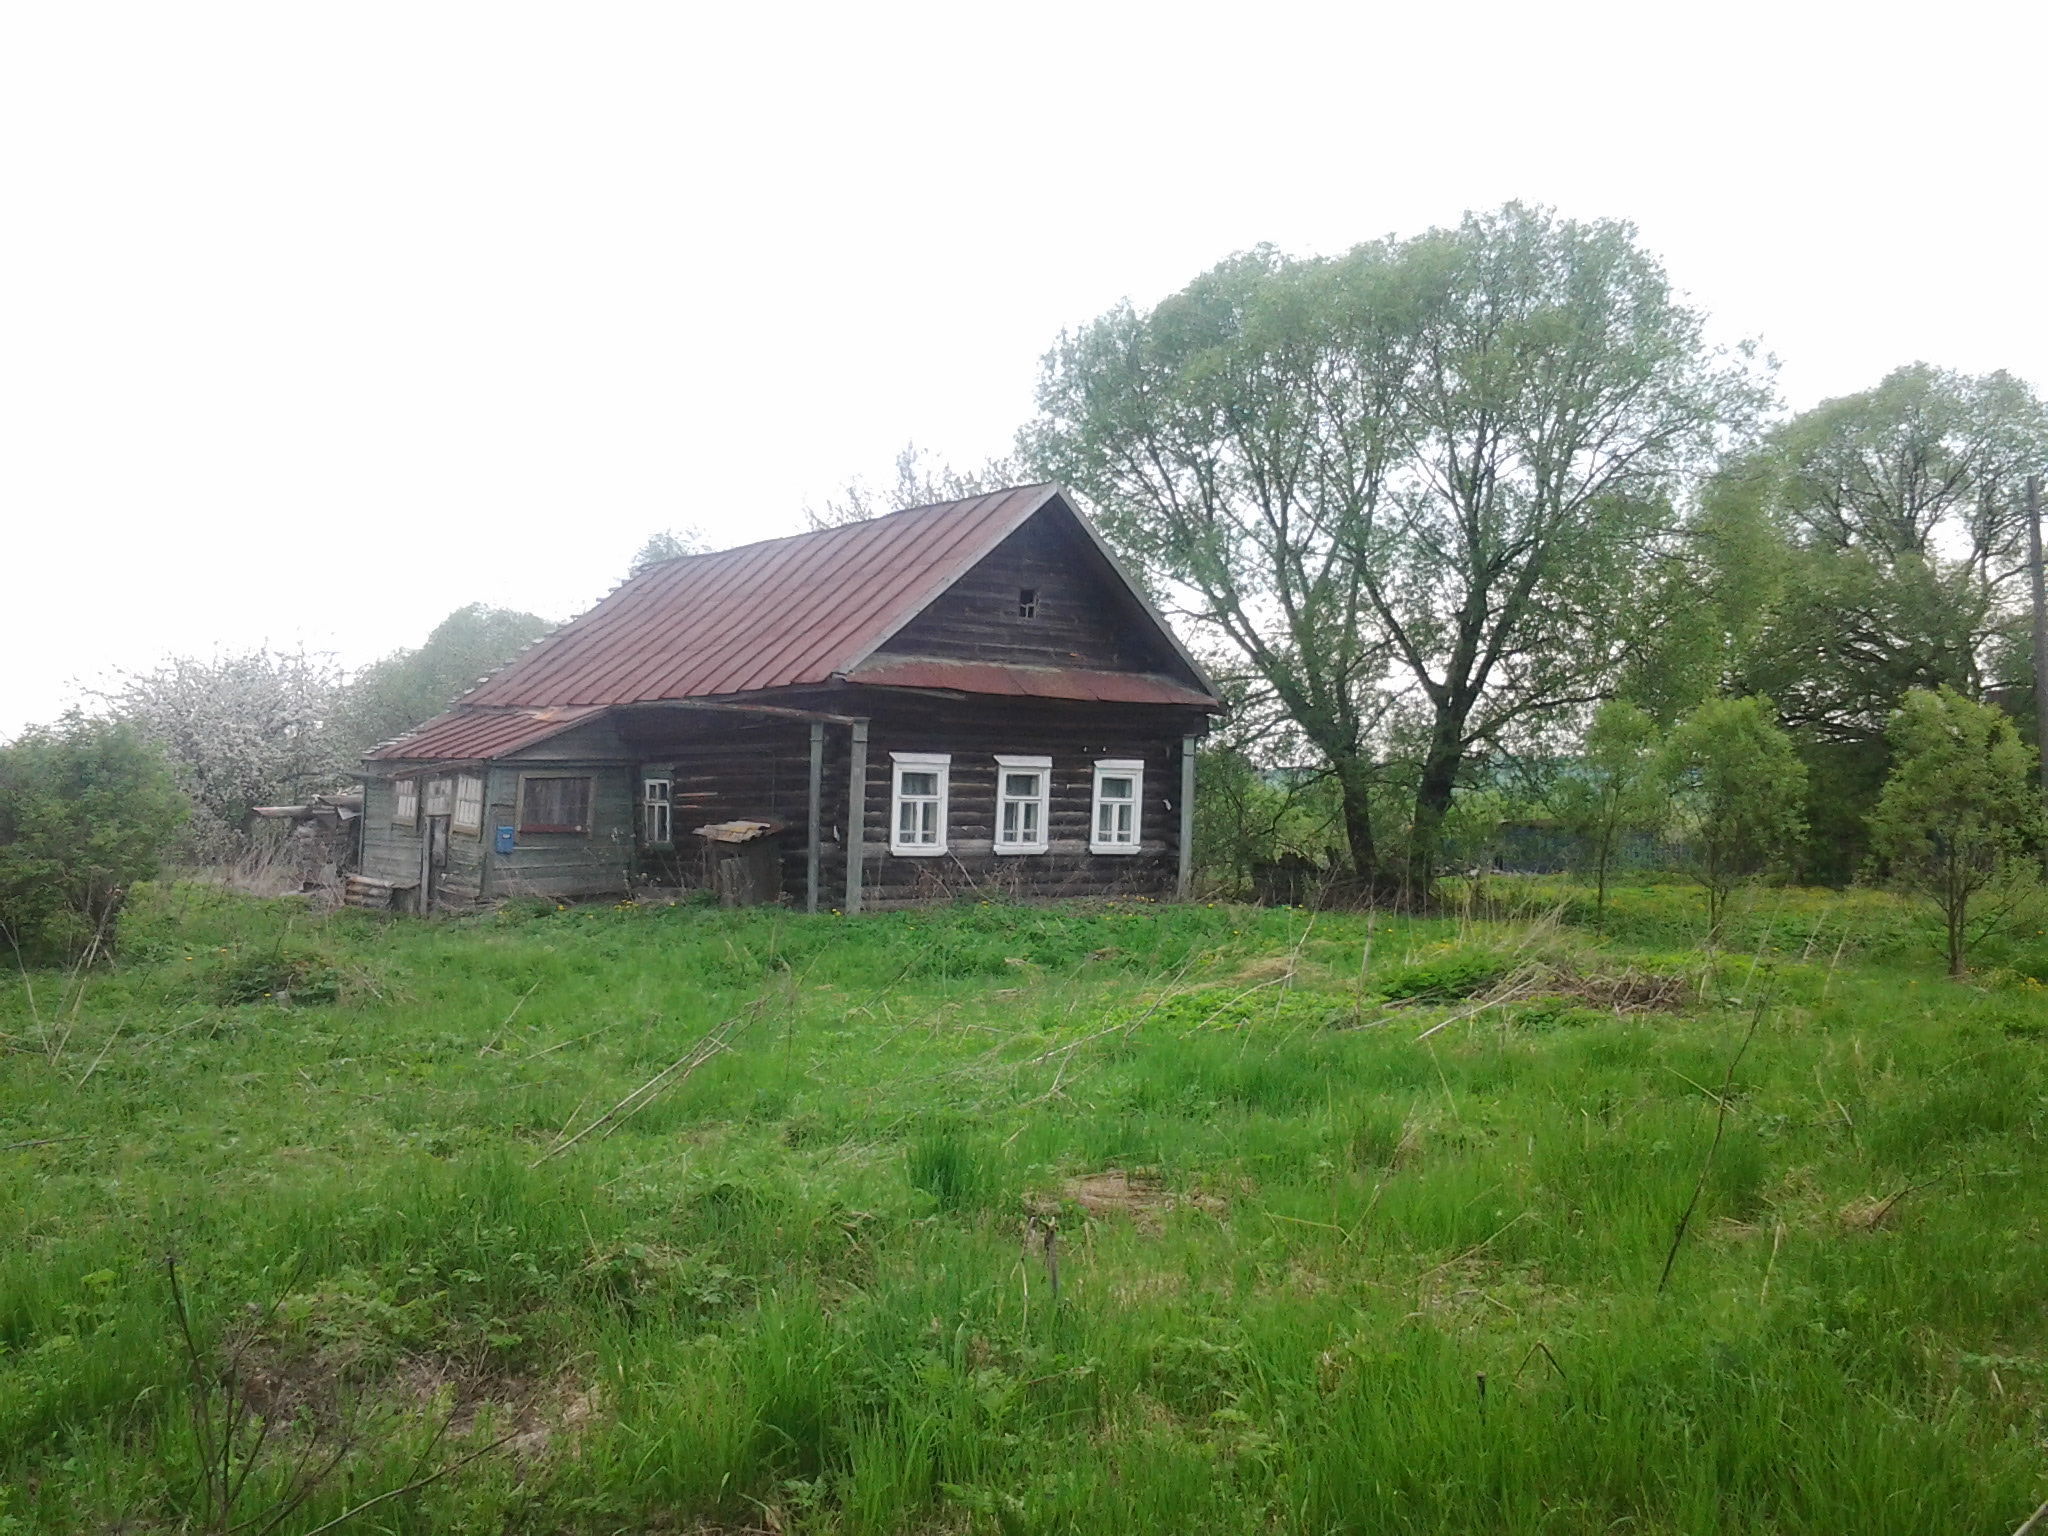 Житель Запорожской области не может попасть в свой дом, потому что там поселился чужой человек